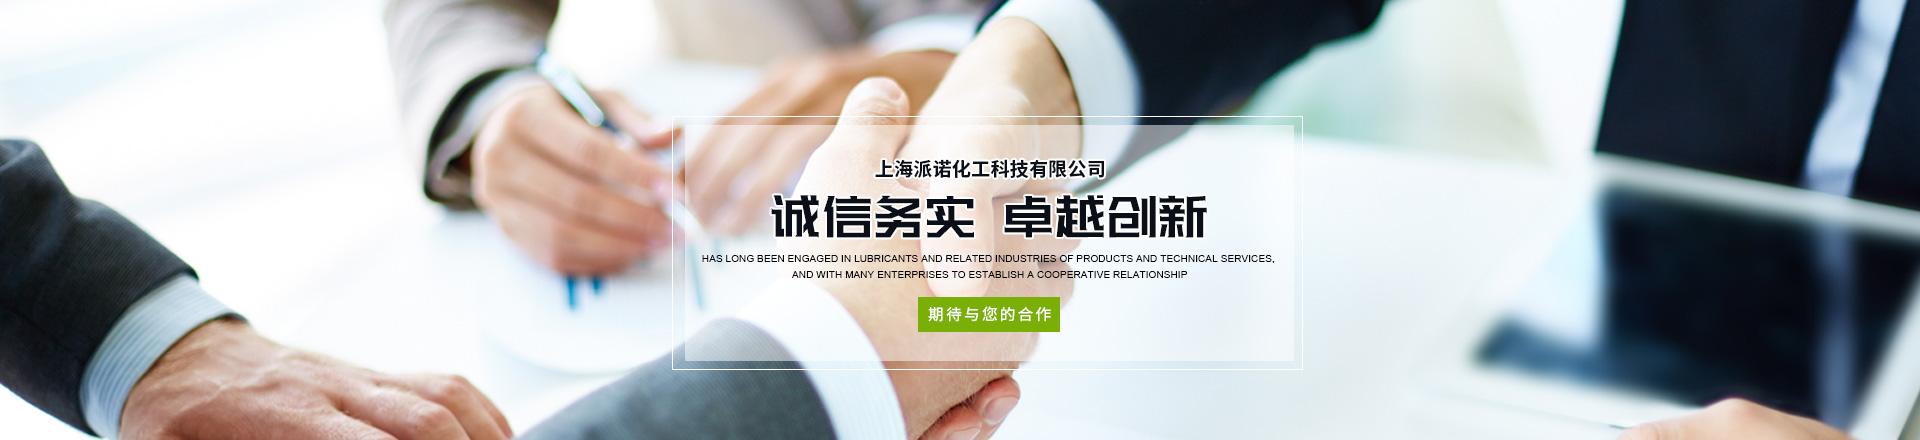 上海合成压缩机油